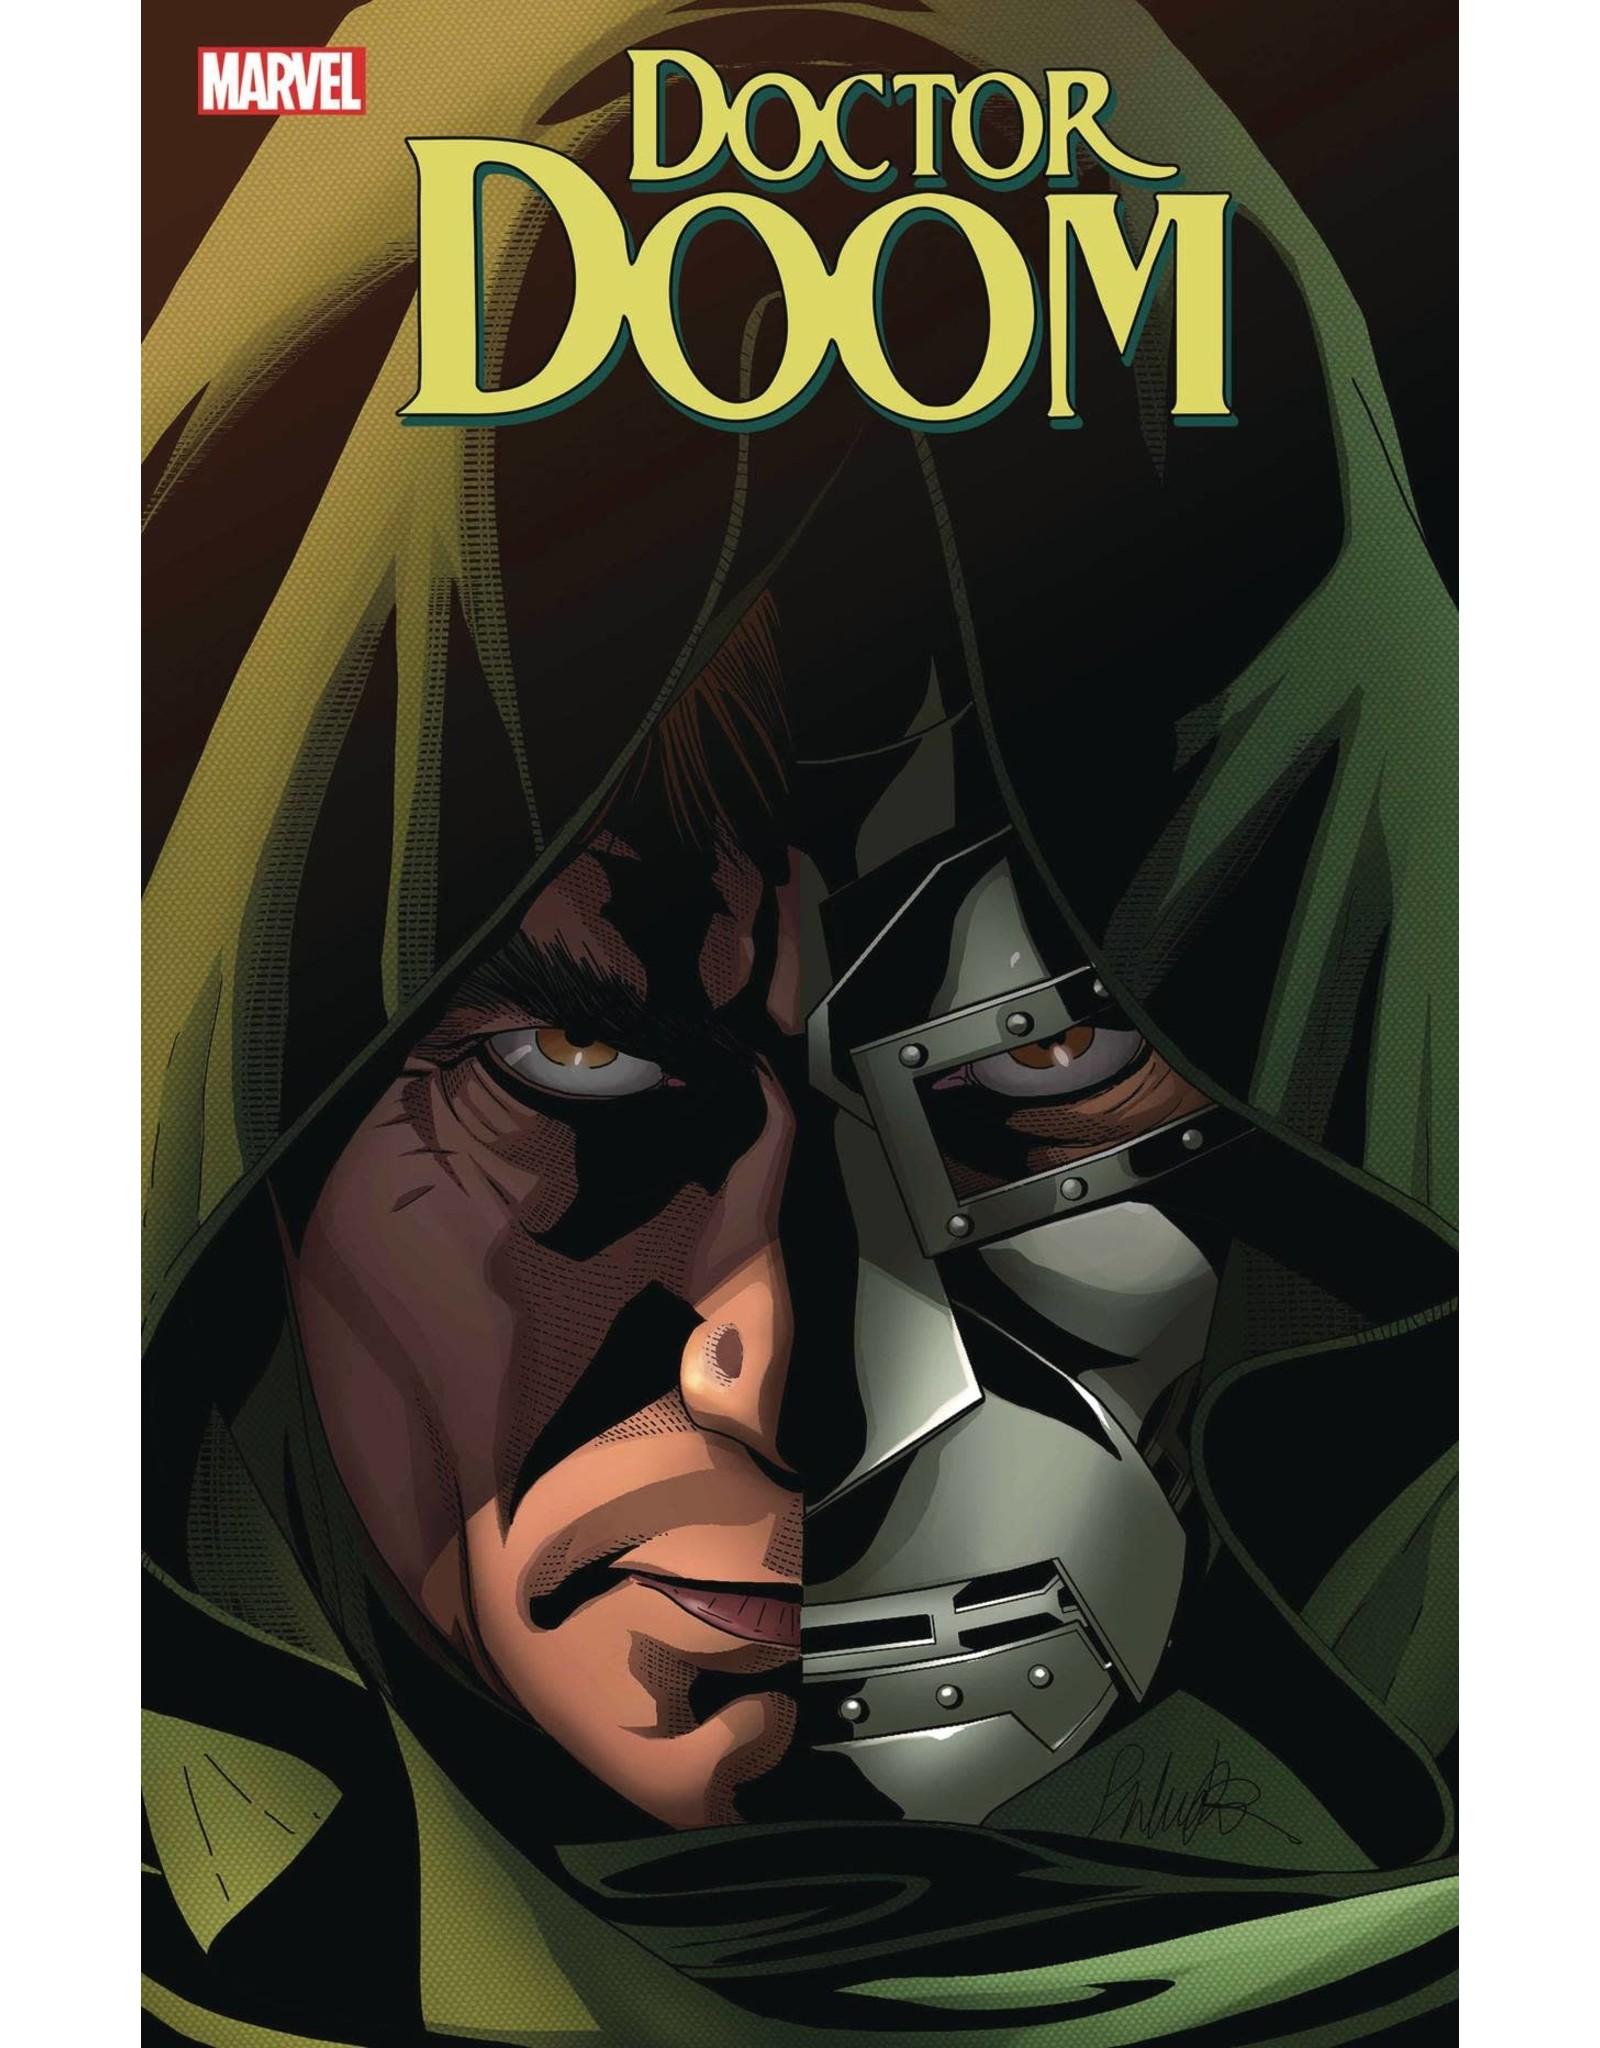 Marvel Comics DOCTOR DOOM #9